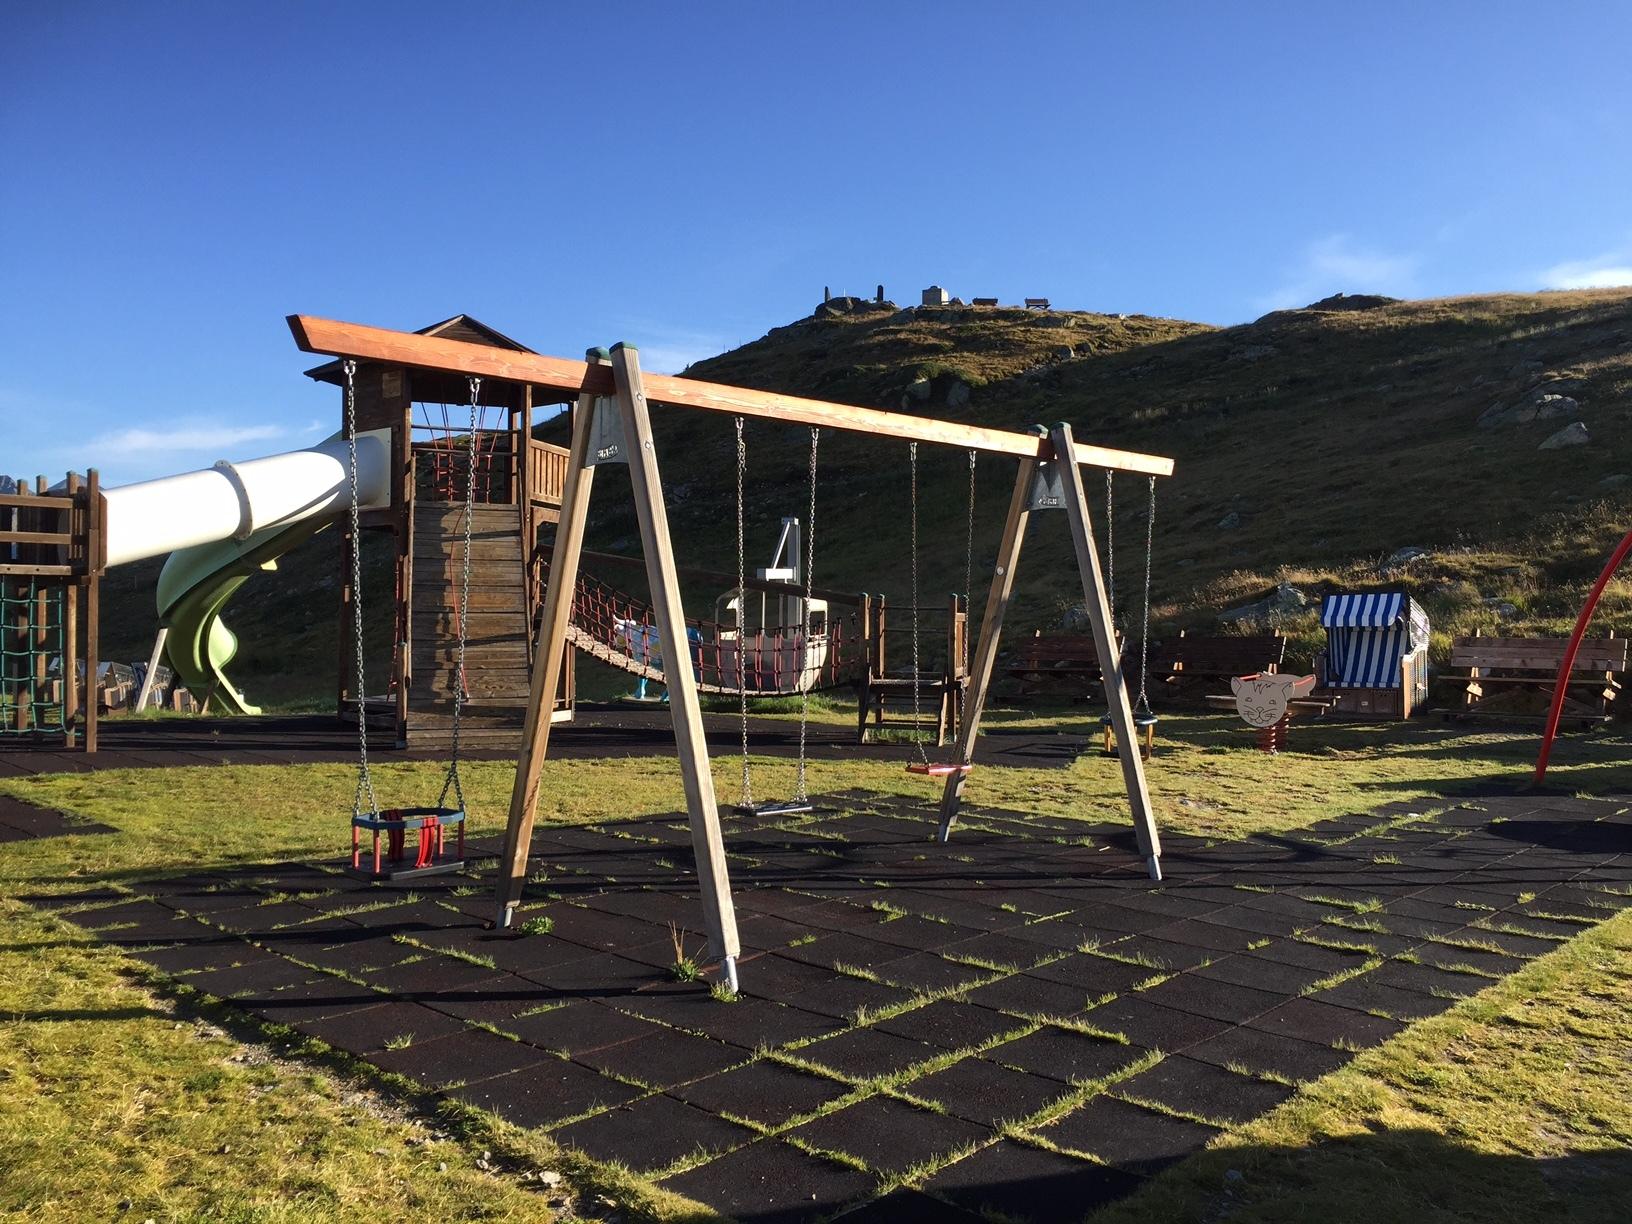 Kinderspielplatz Muottas Muragl Slide 2